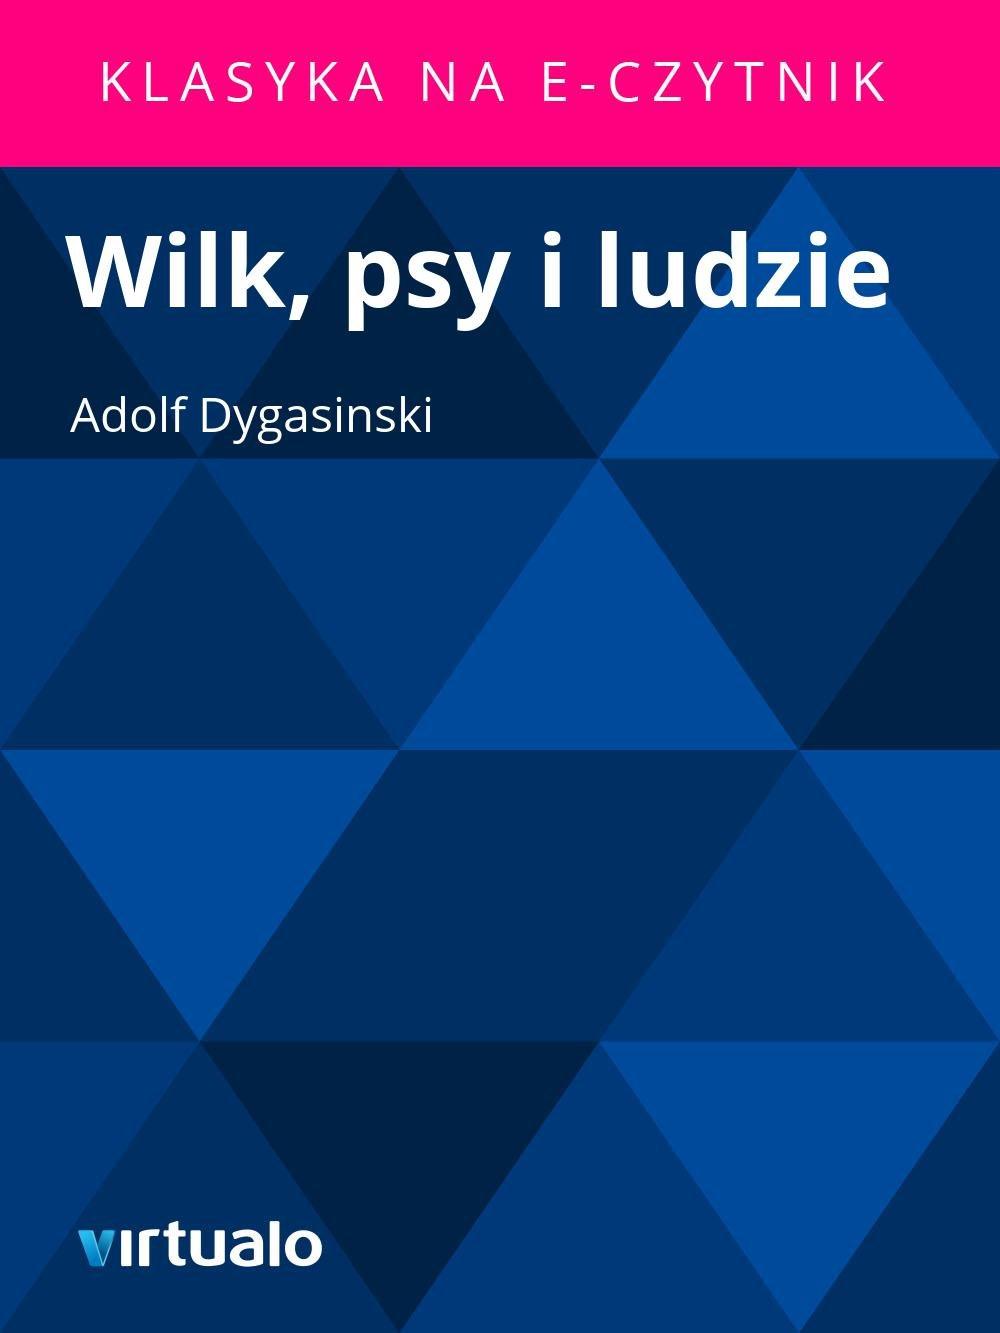 Wilk, psy i ludzie - Ebook (Książka EPUB) do pobrania w formacie EPUB